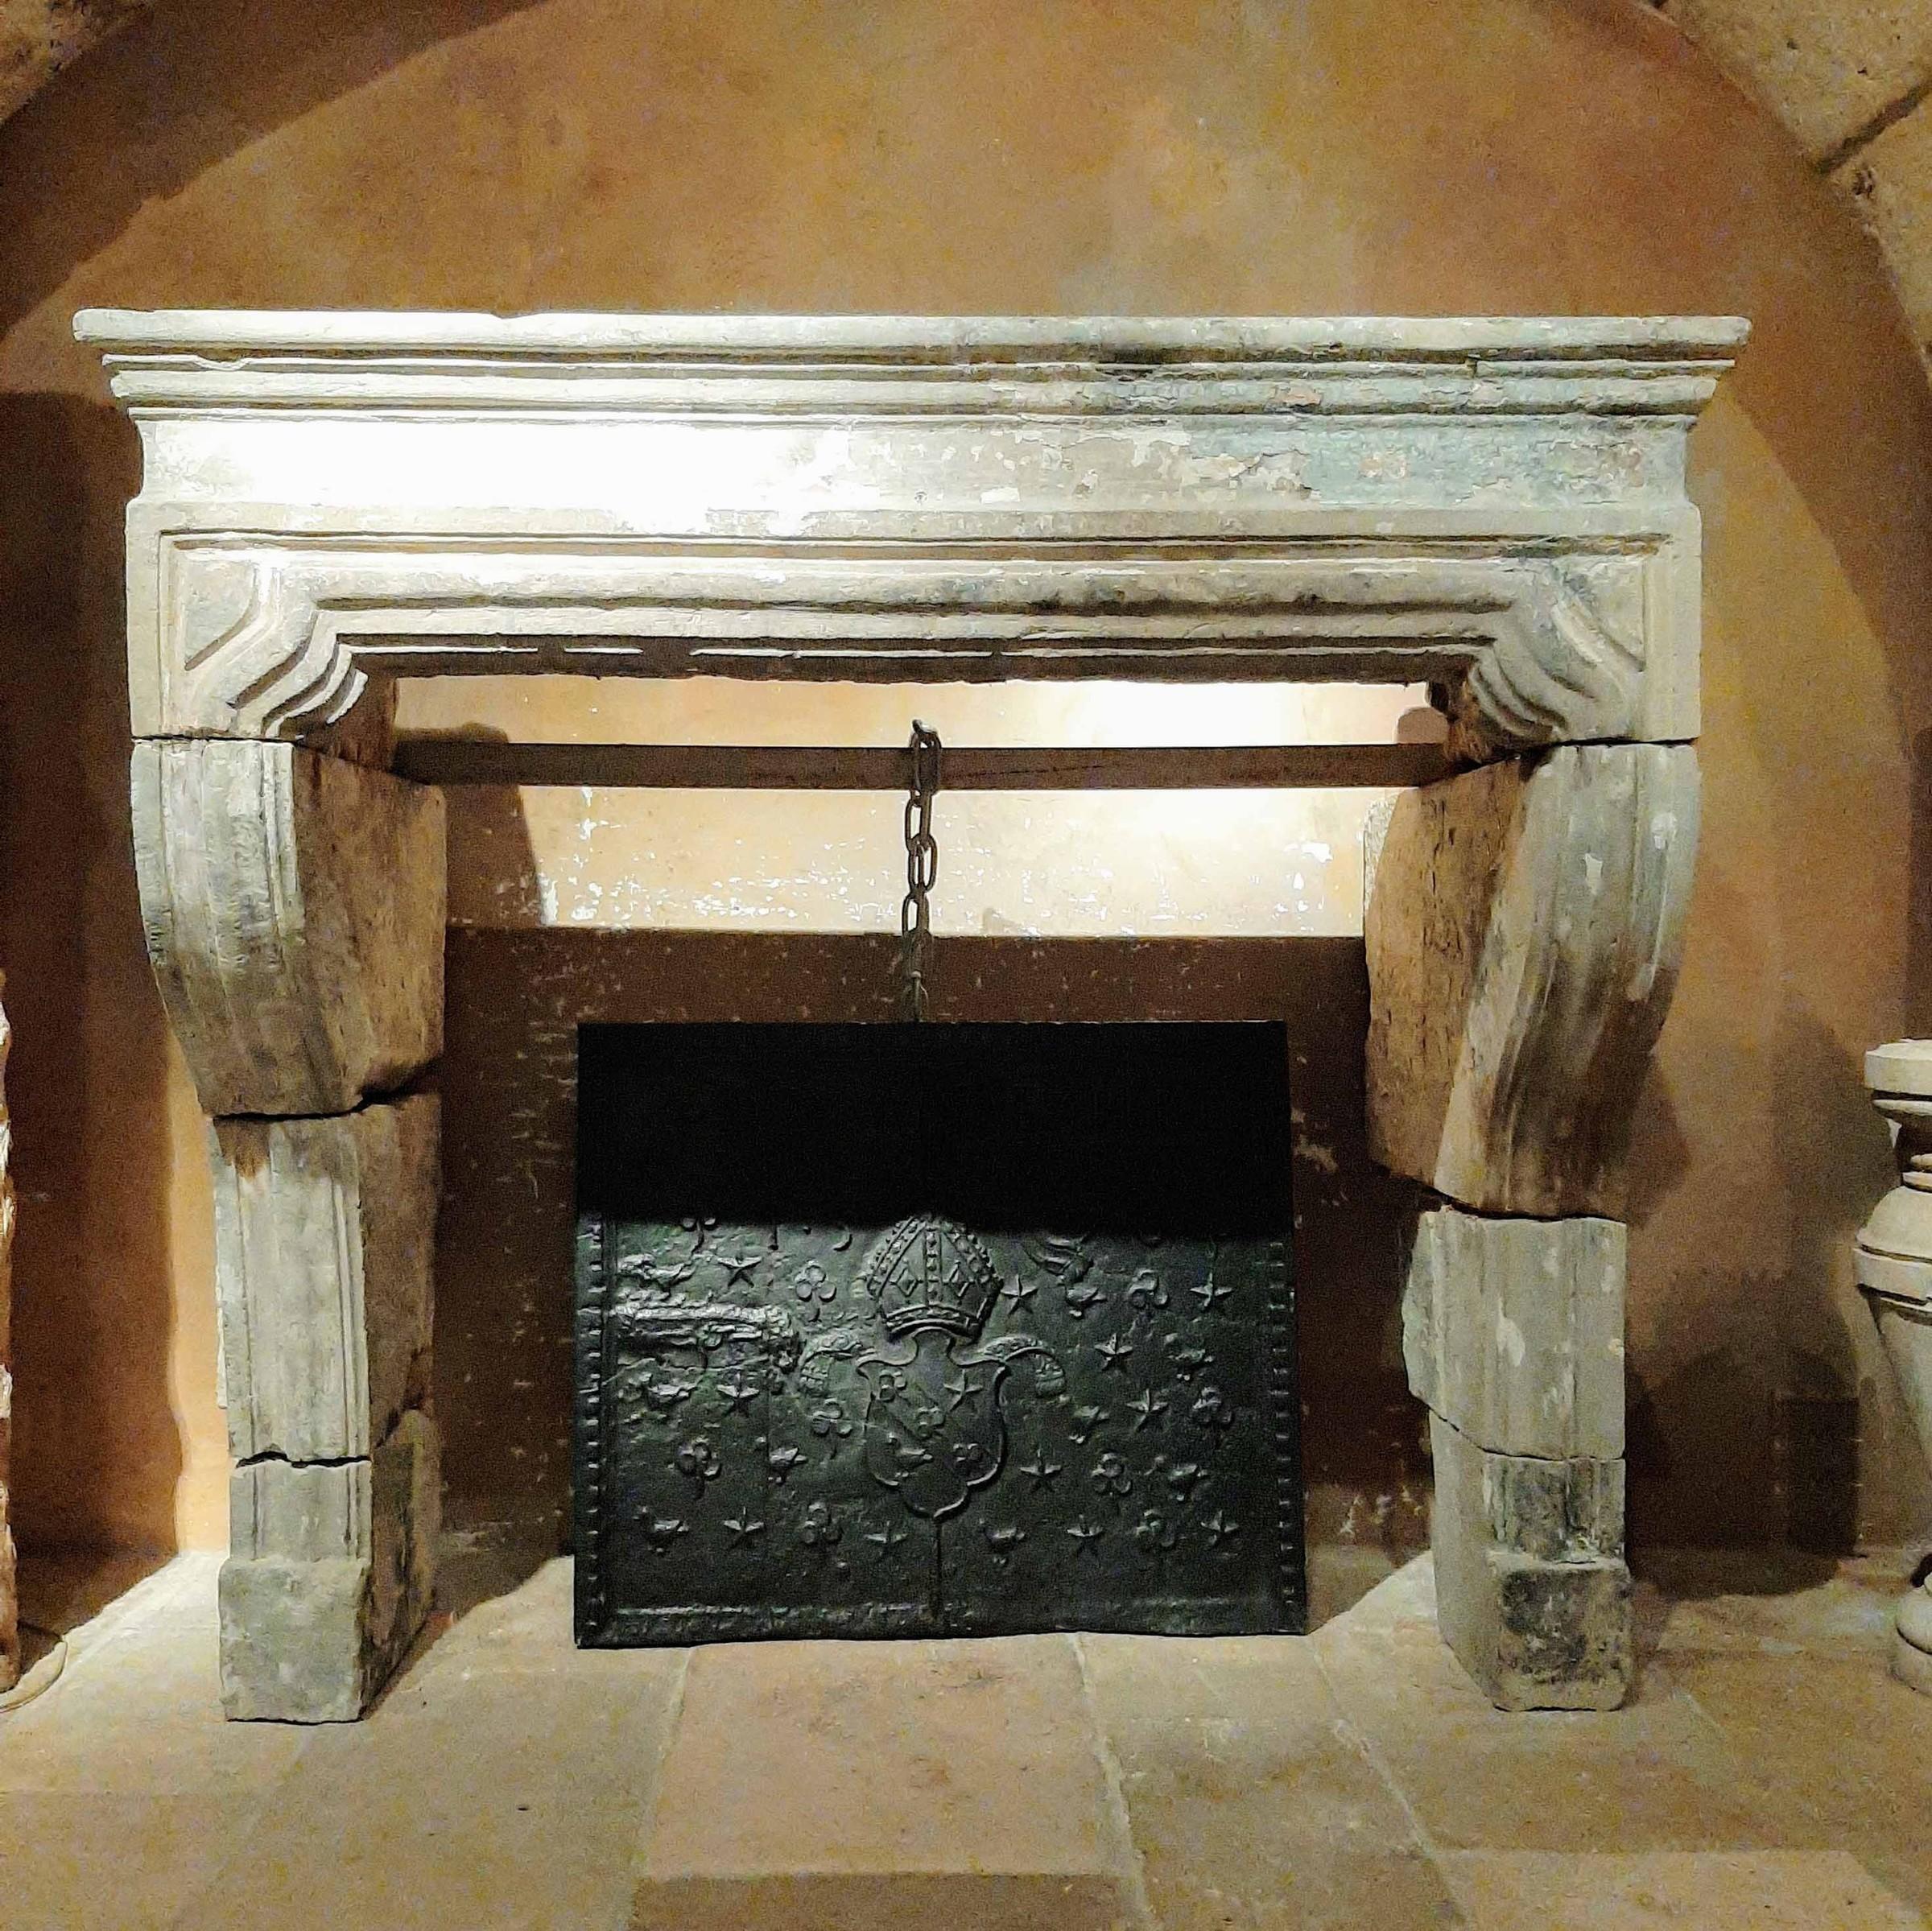 Französischer Barock-Kamin aus antikem Sandstein aus dem 18. Jahrhundert